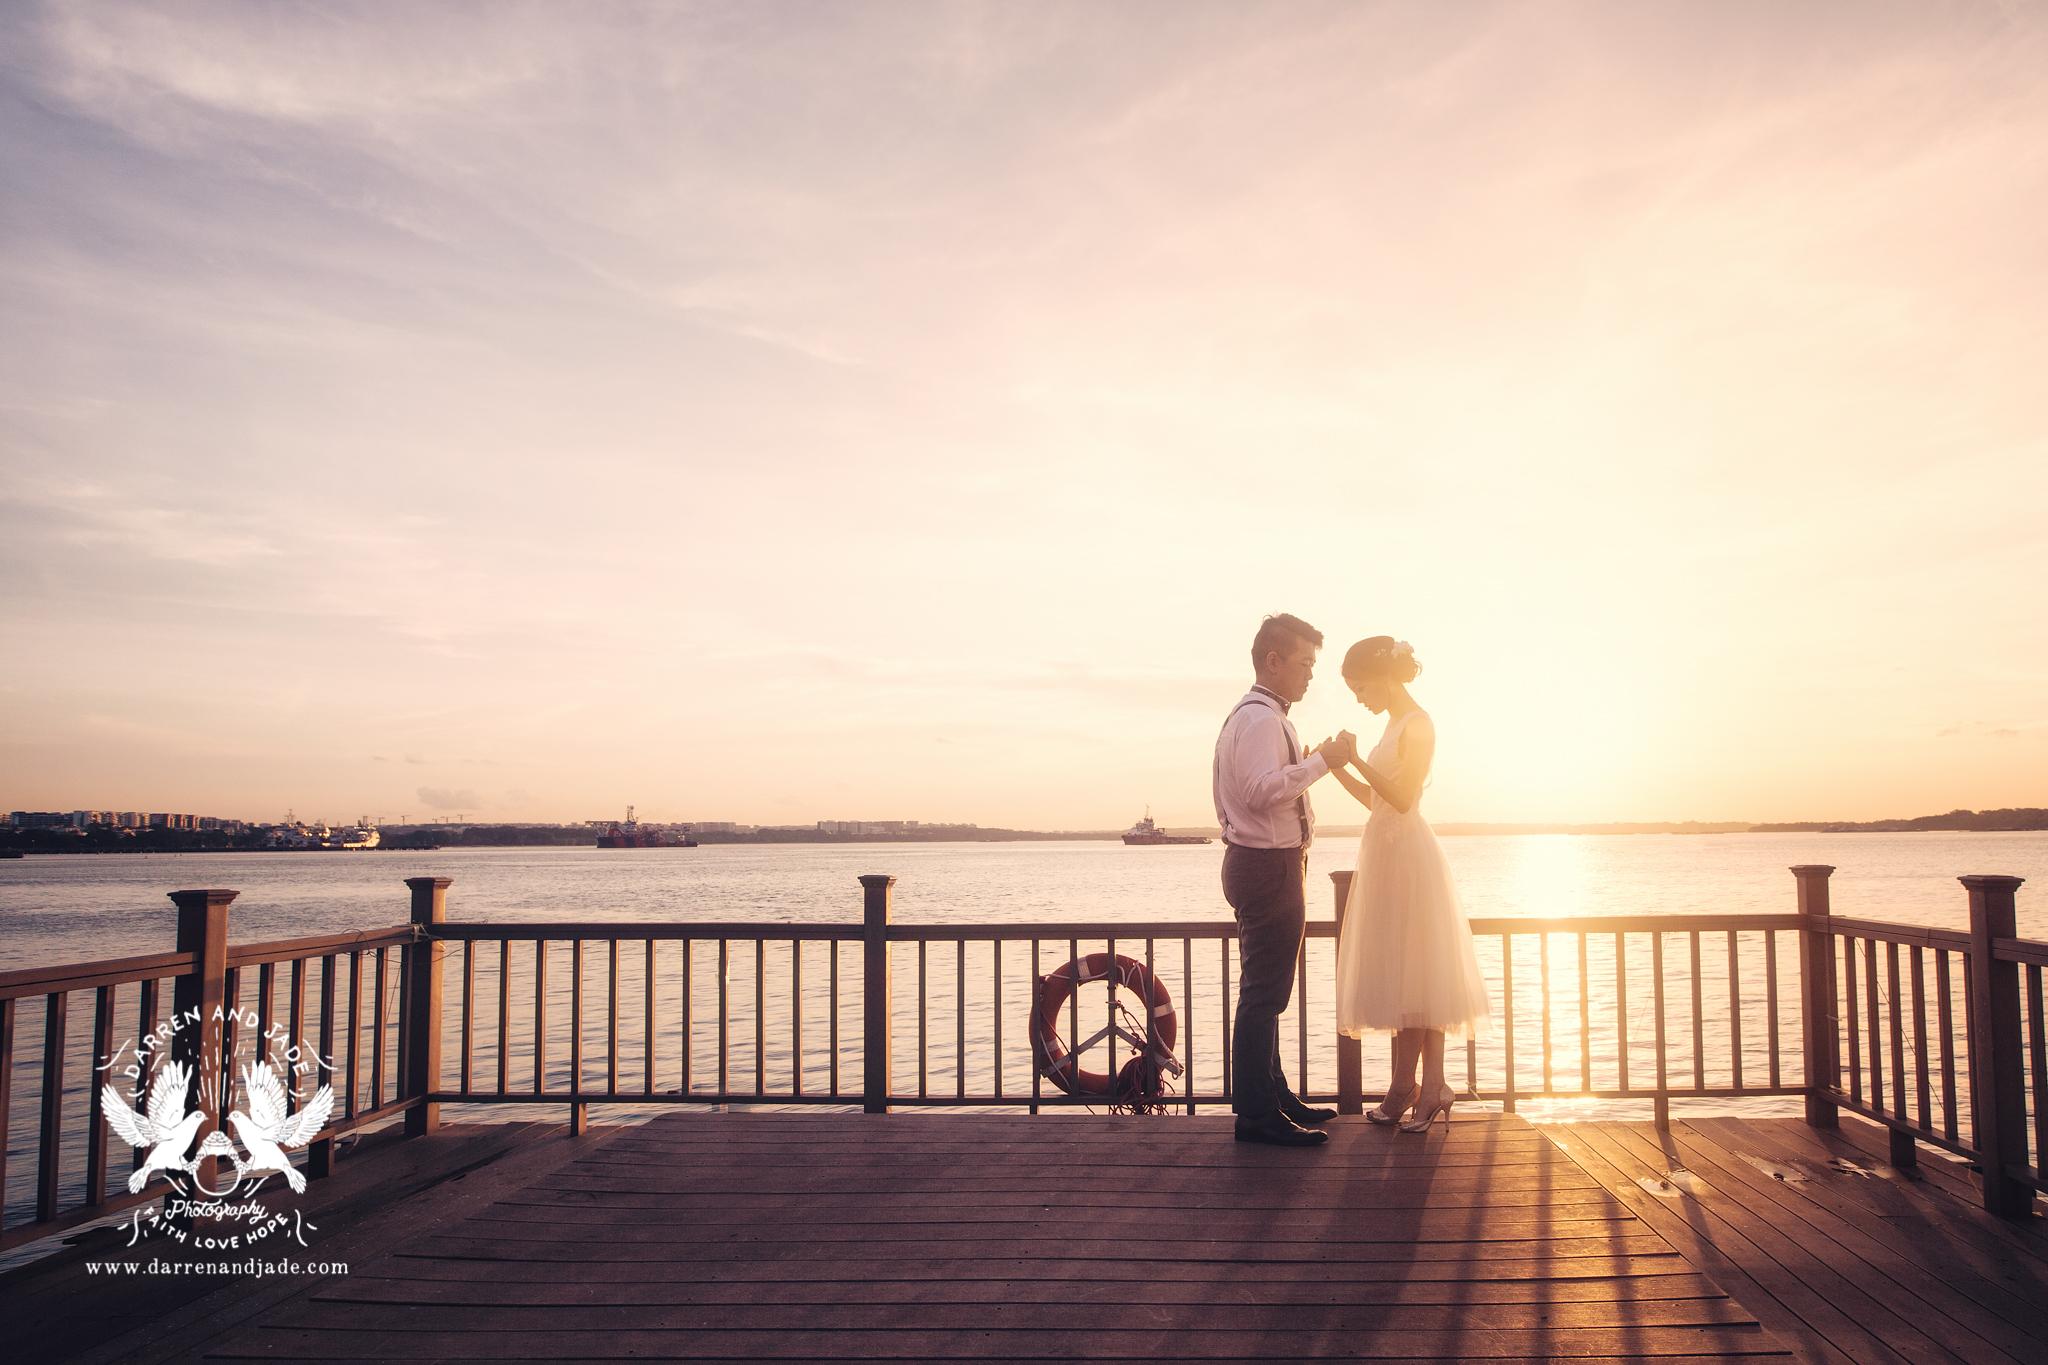 Hannah & Amos - Engagement - Selects - Sharing (42 of 56).jpg